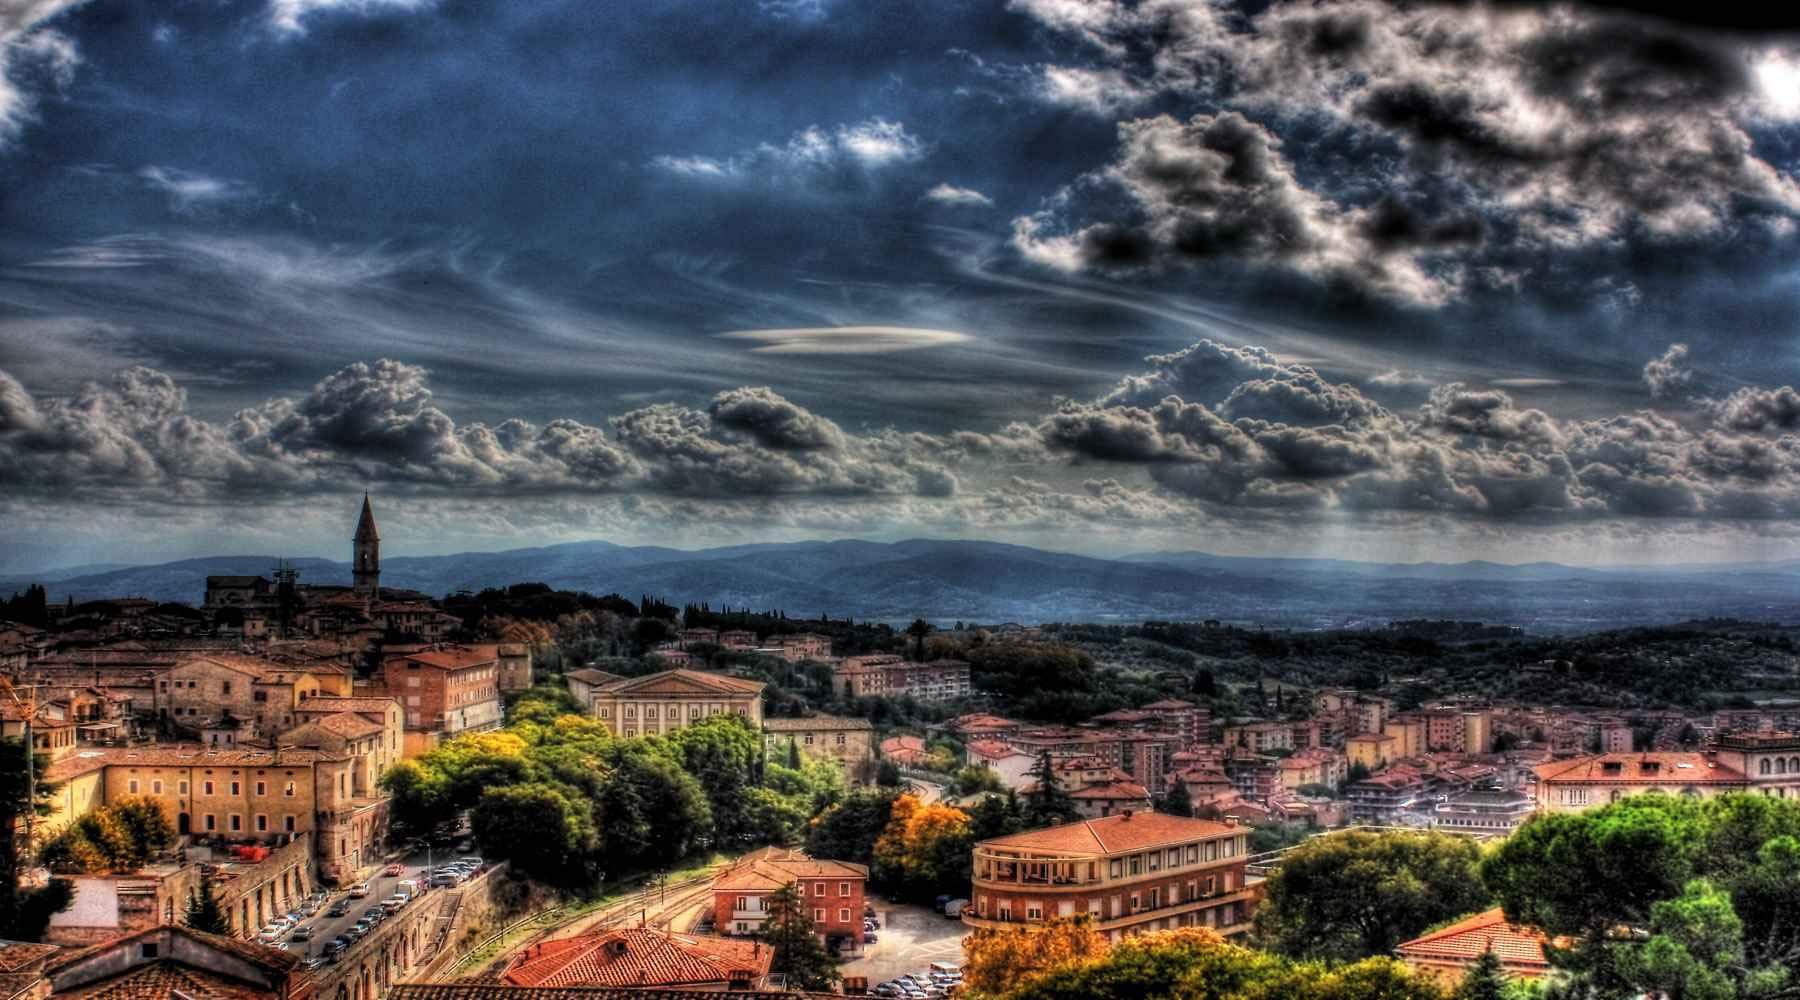 достопримечательности перуджи италия фото